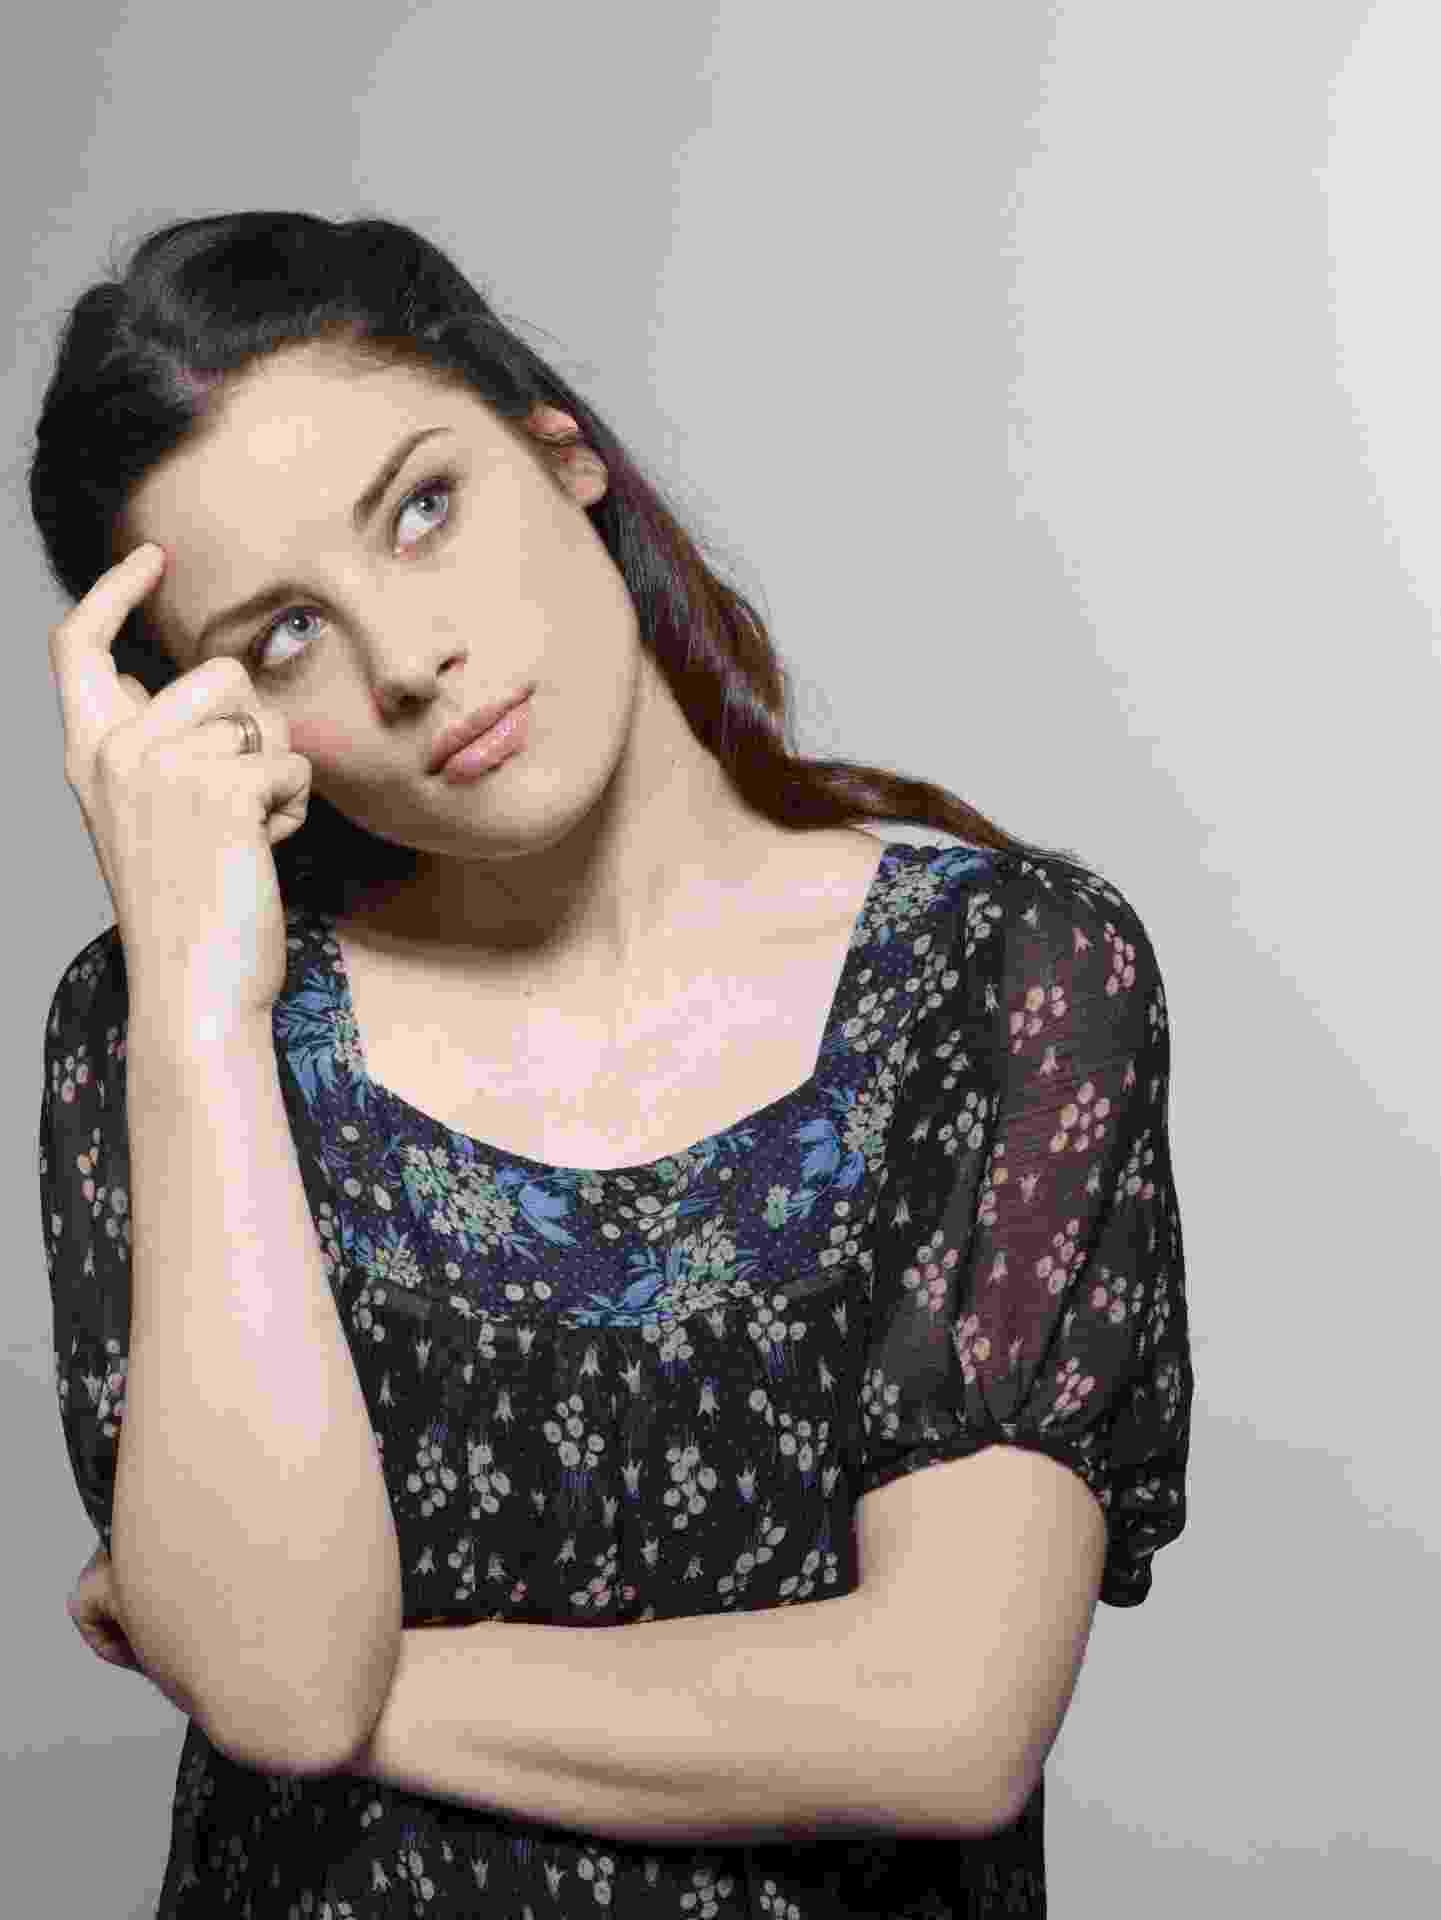 pensamento, pensando, dúvida, incerteza, mulher, questionamento - Thinkstock